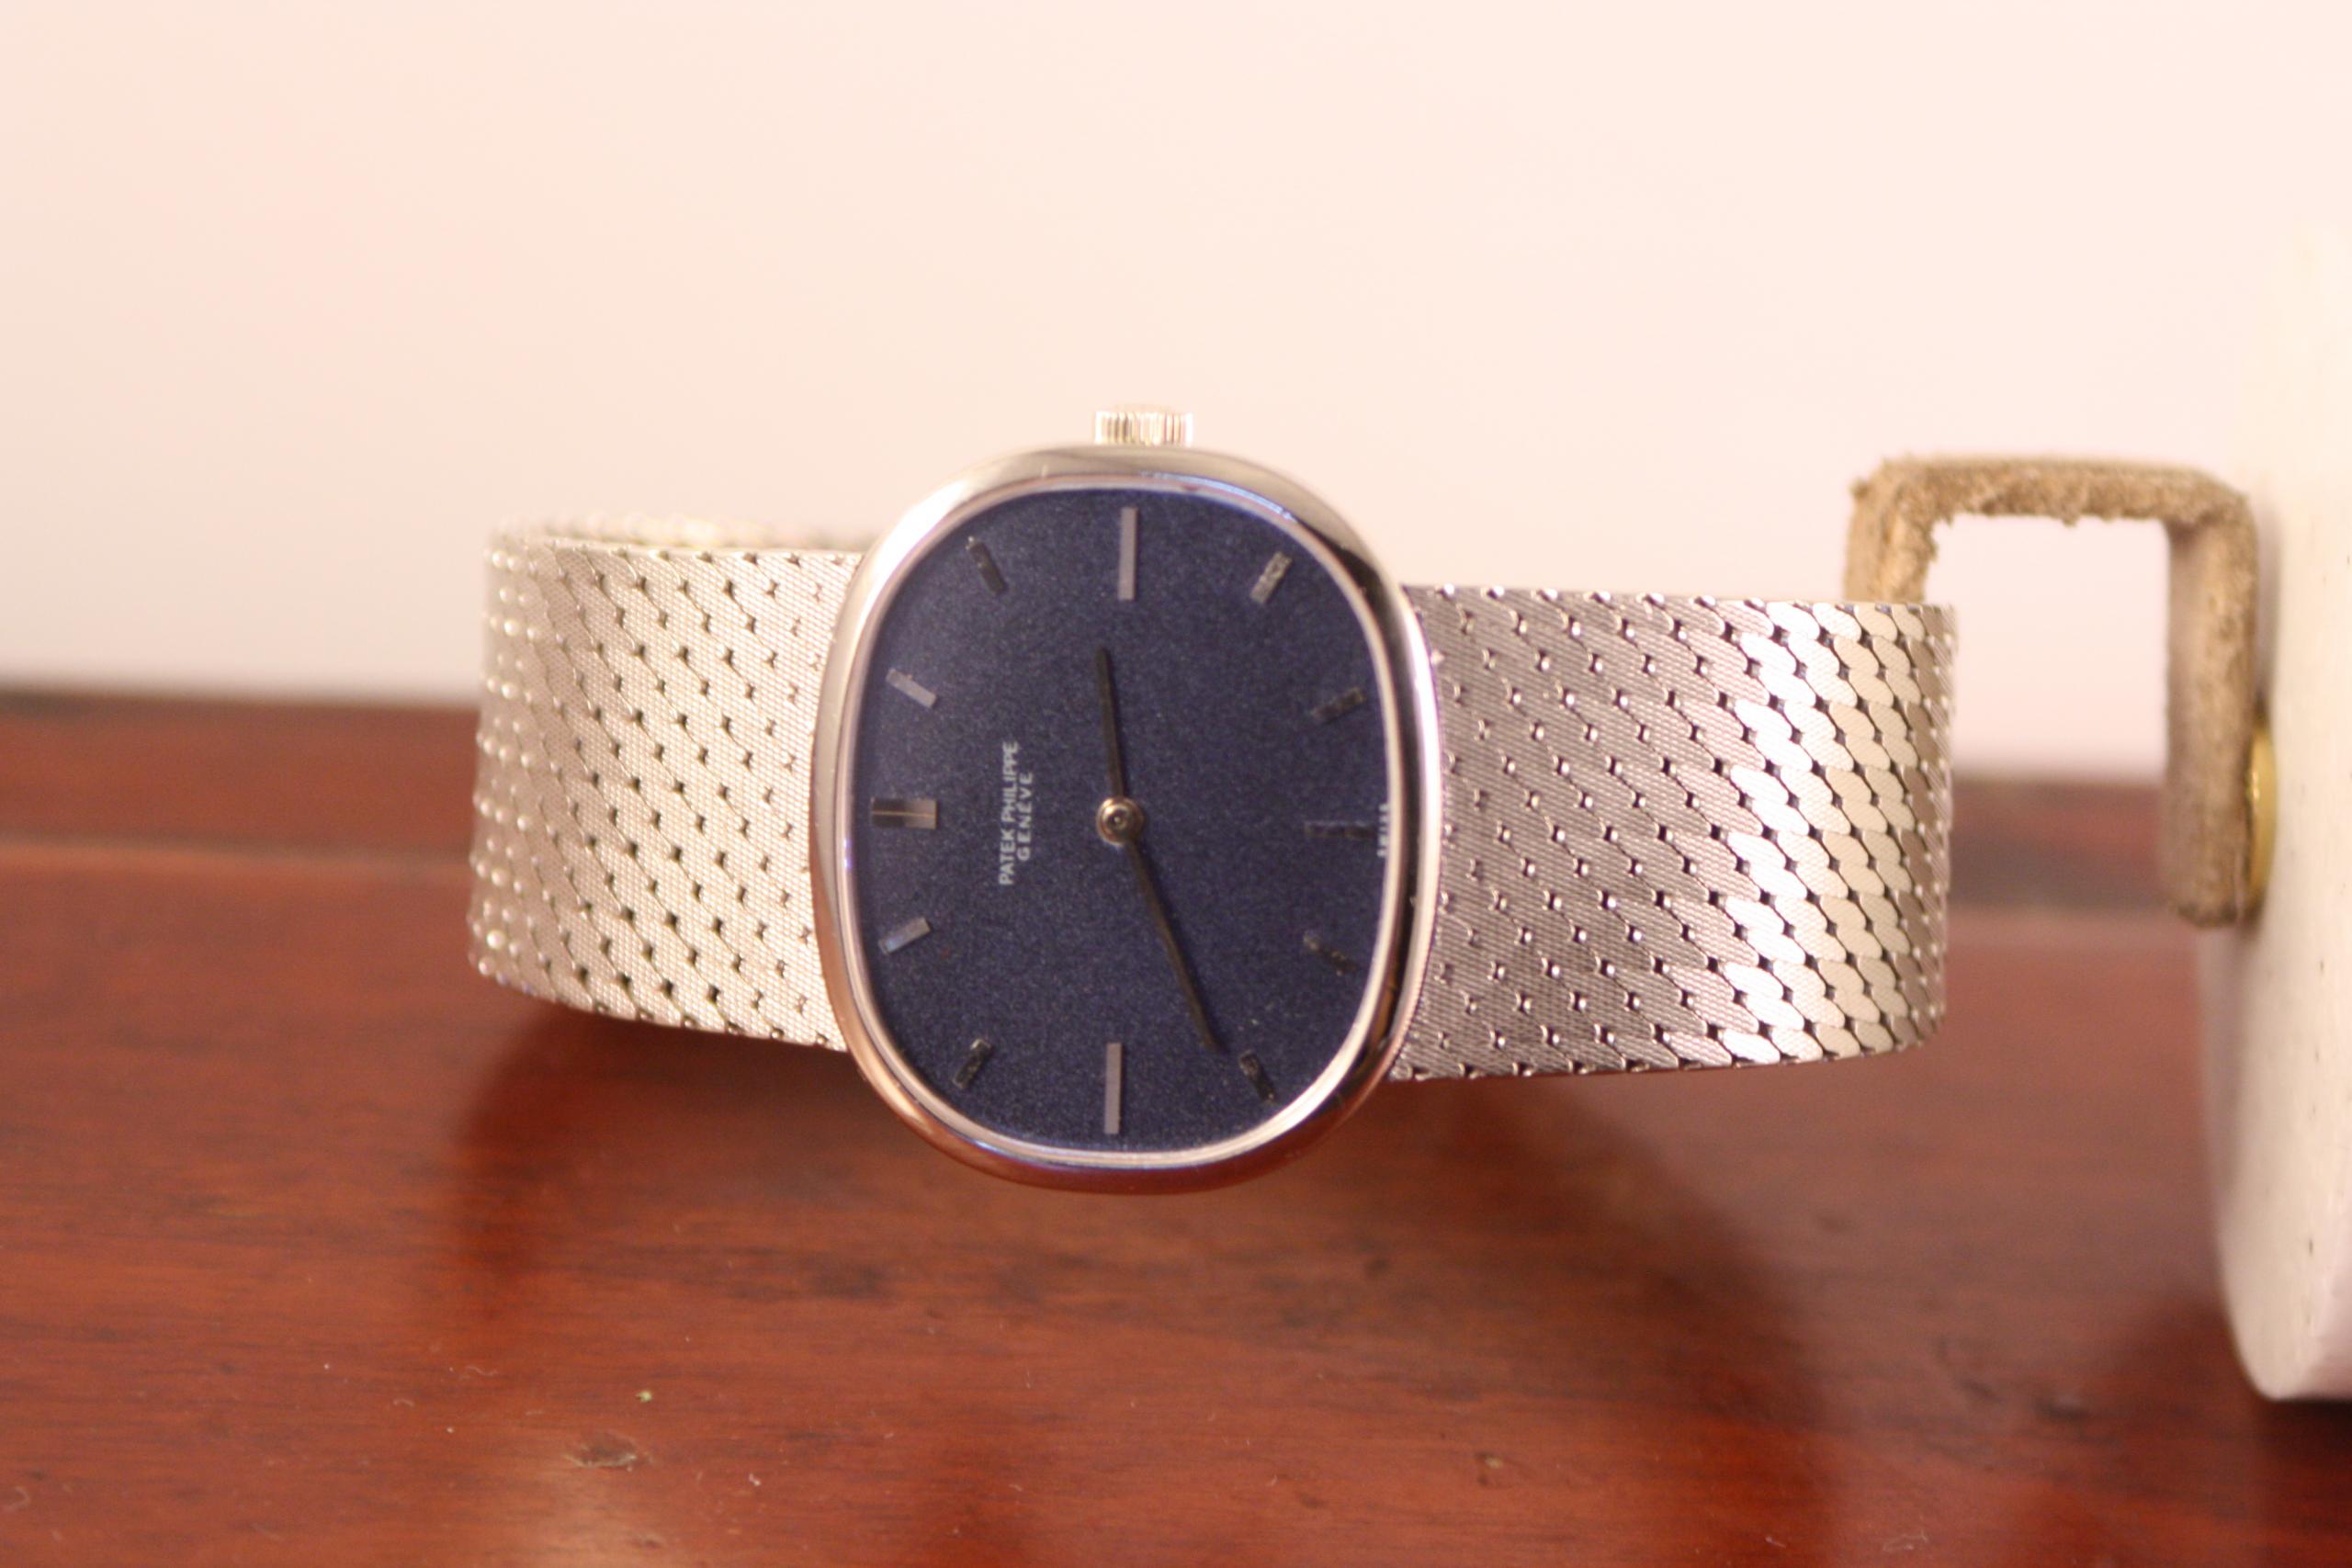 Patek Philippe Horloge oval ellipse